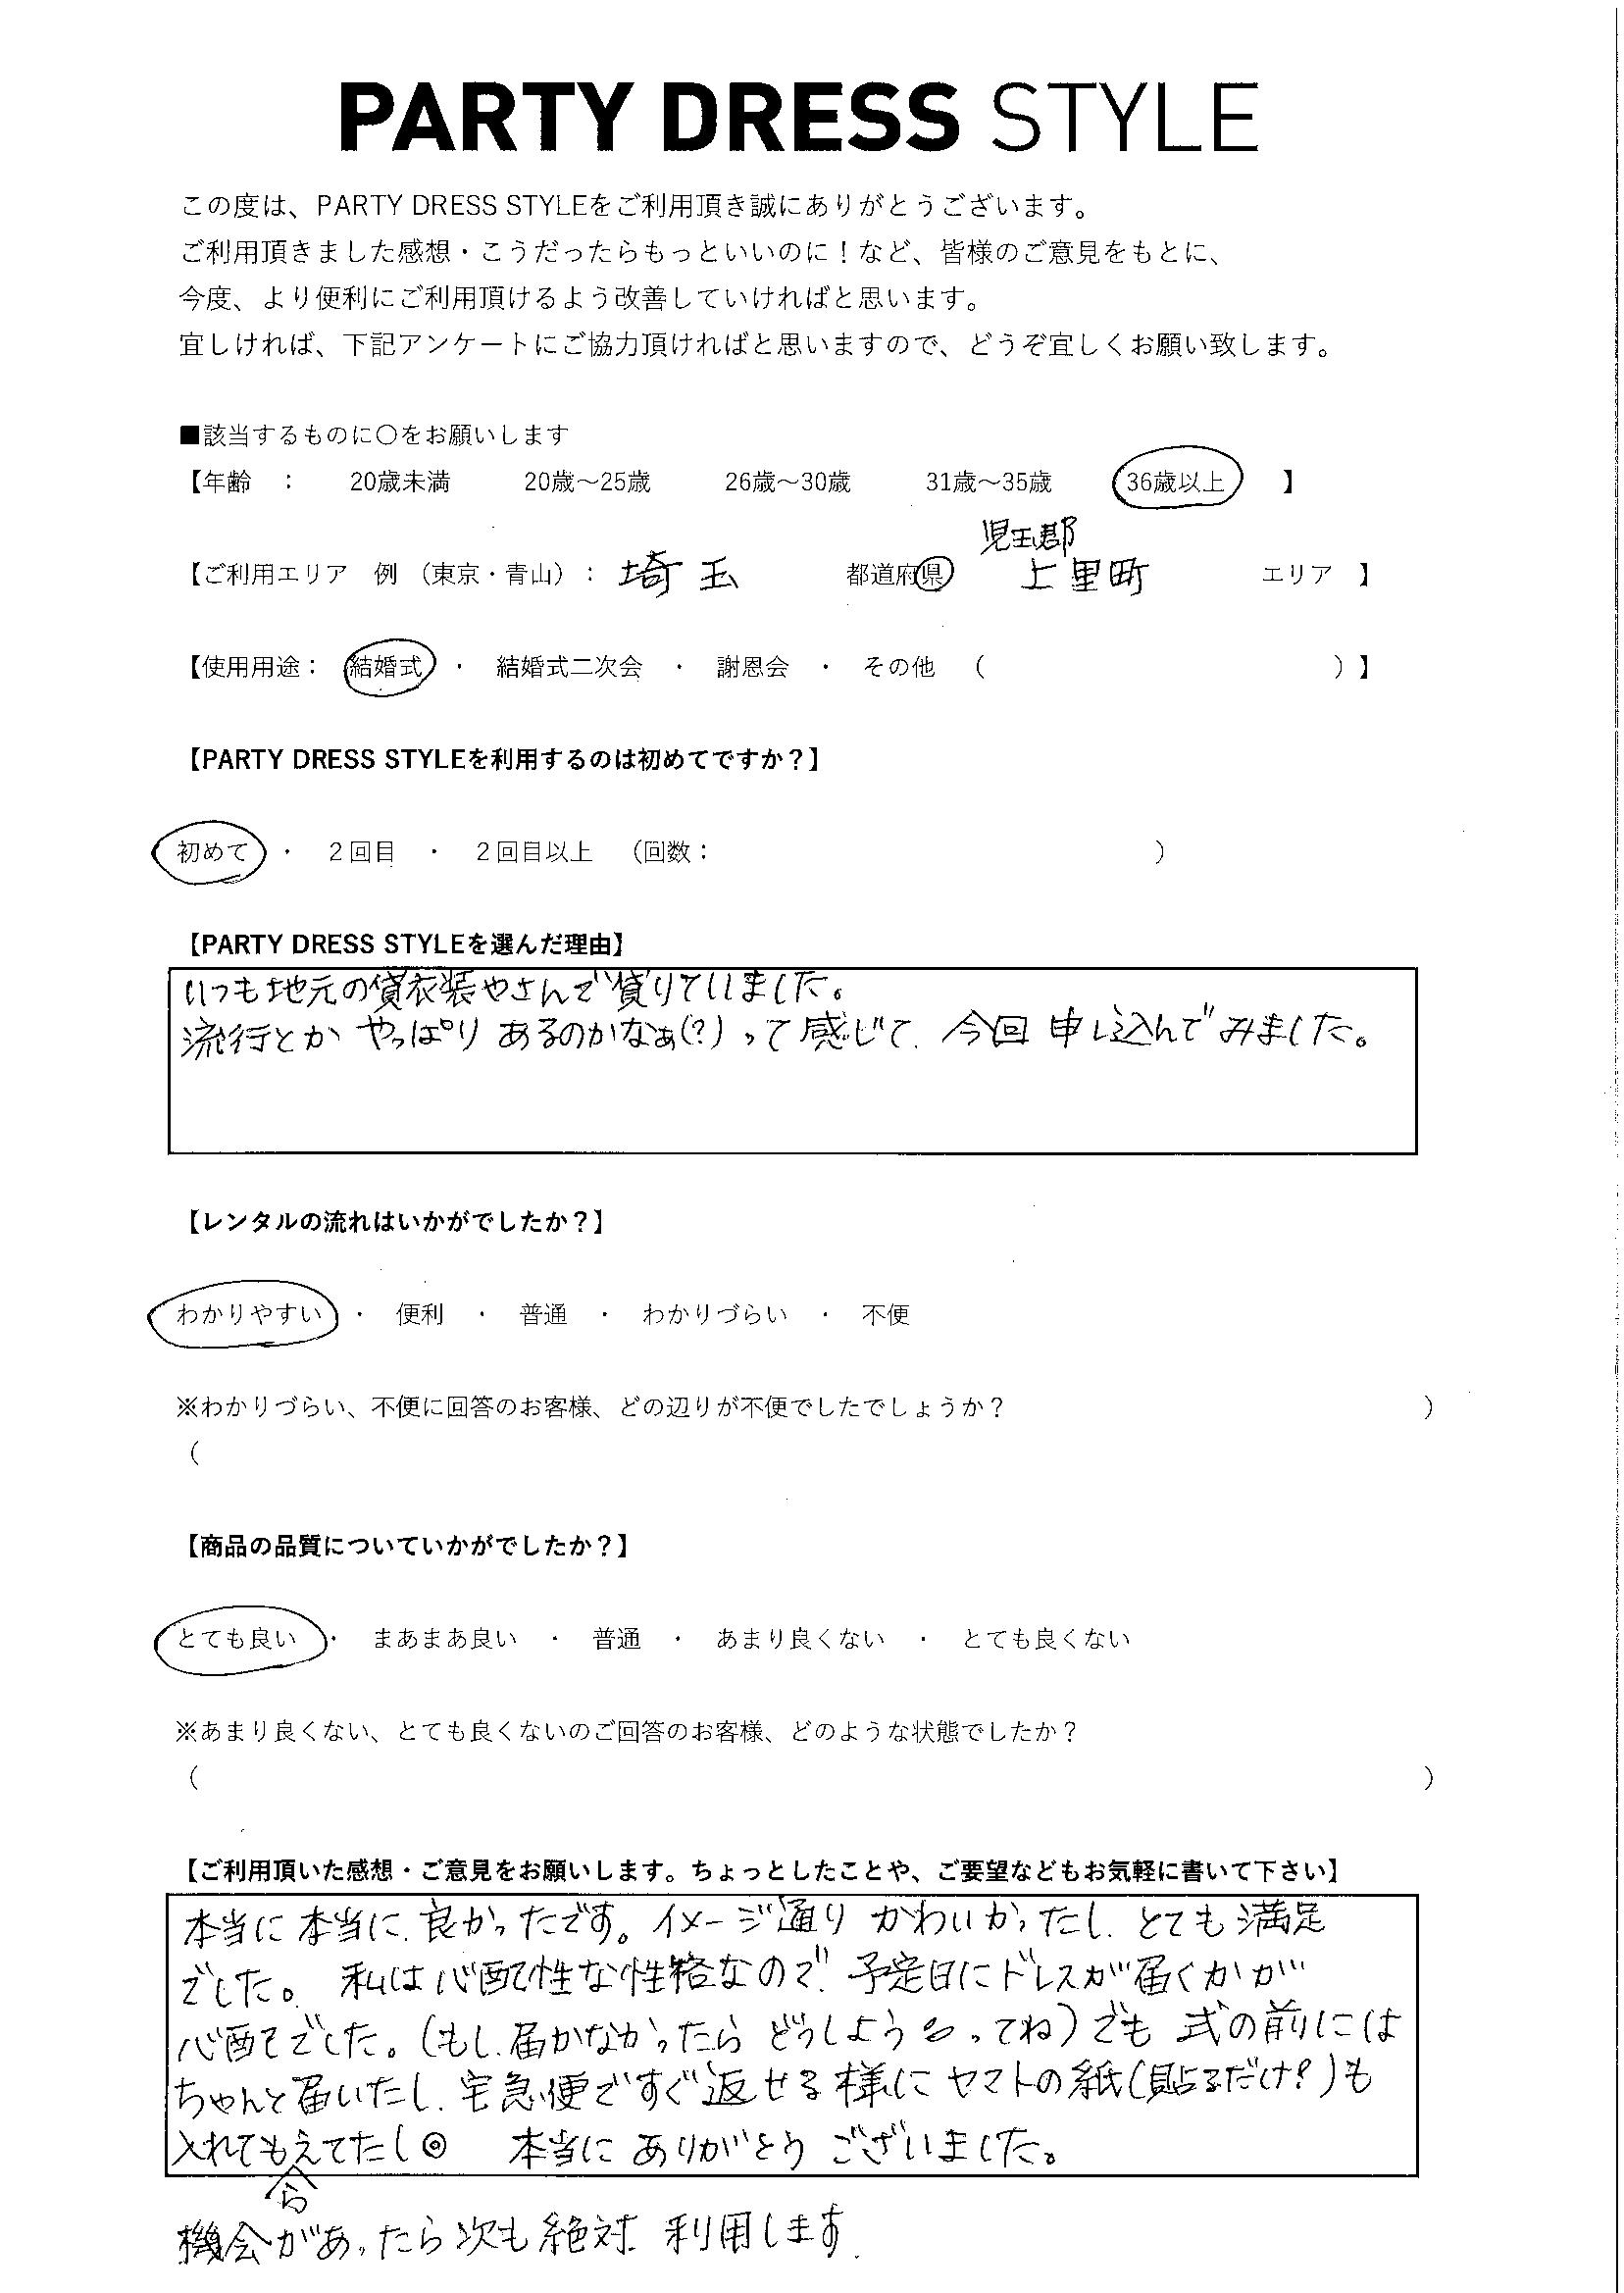 1/26結婚式ご利用 埼玉・上里町エリア